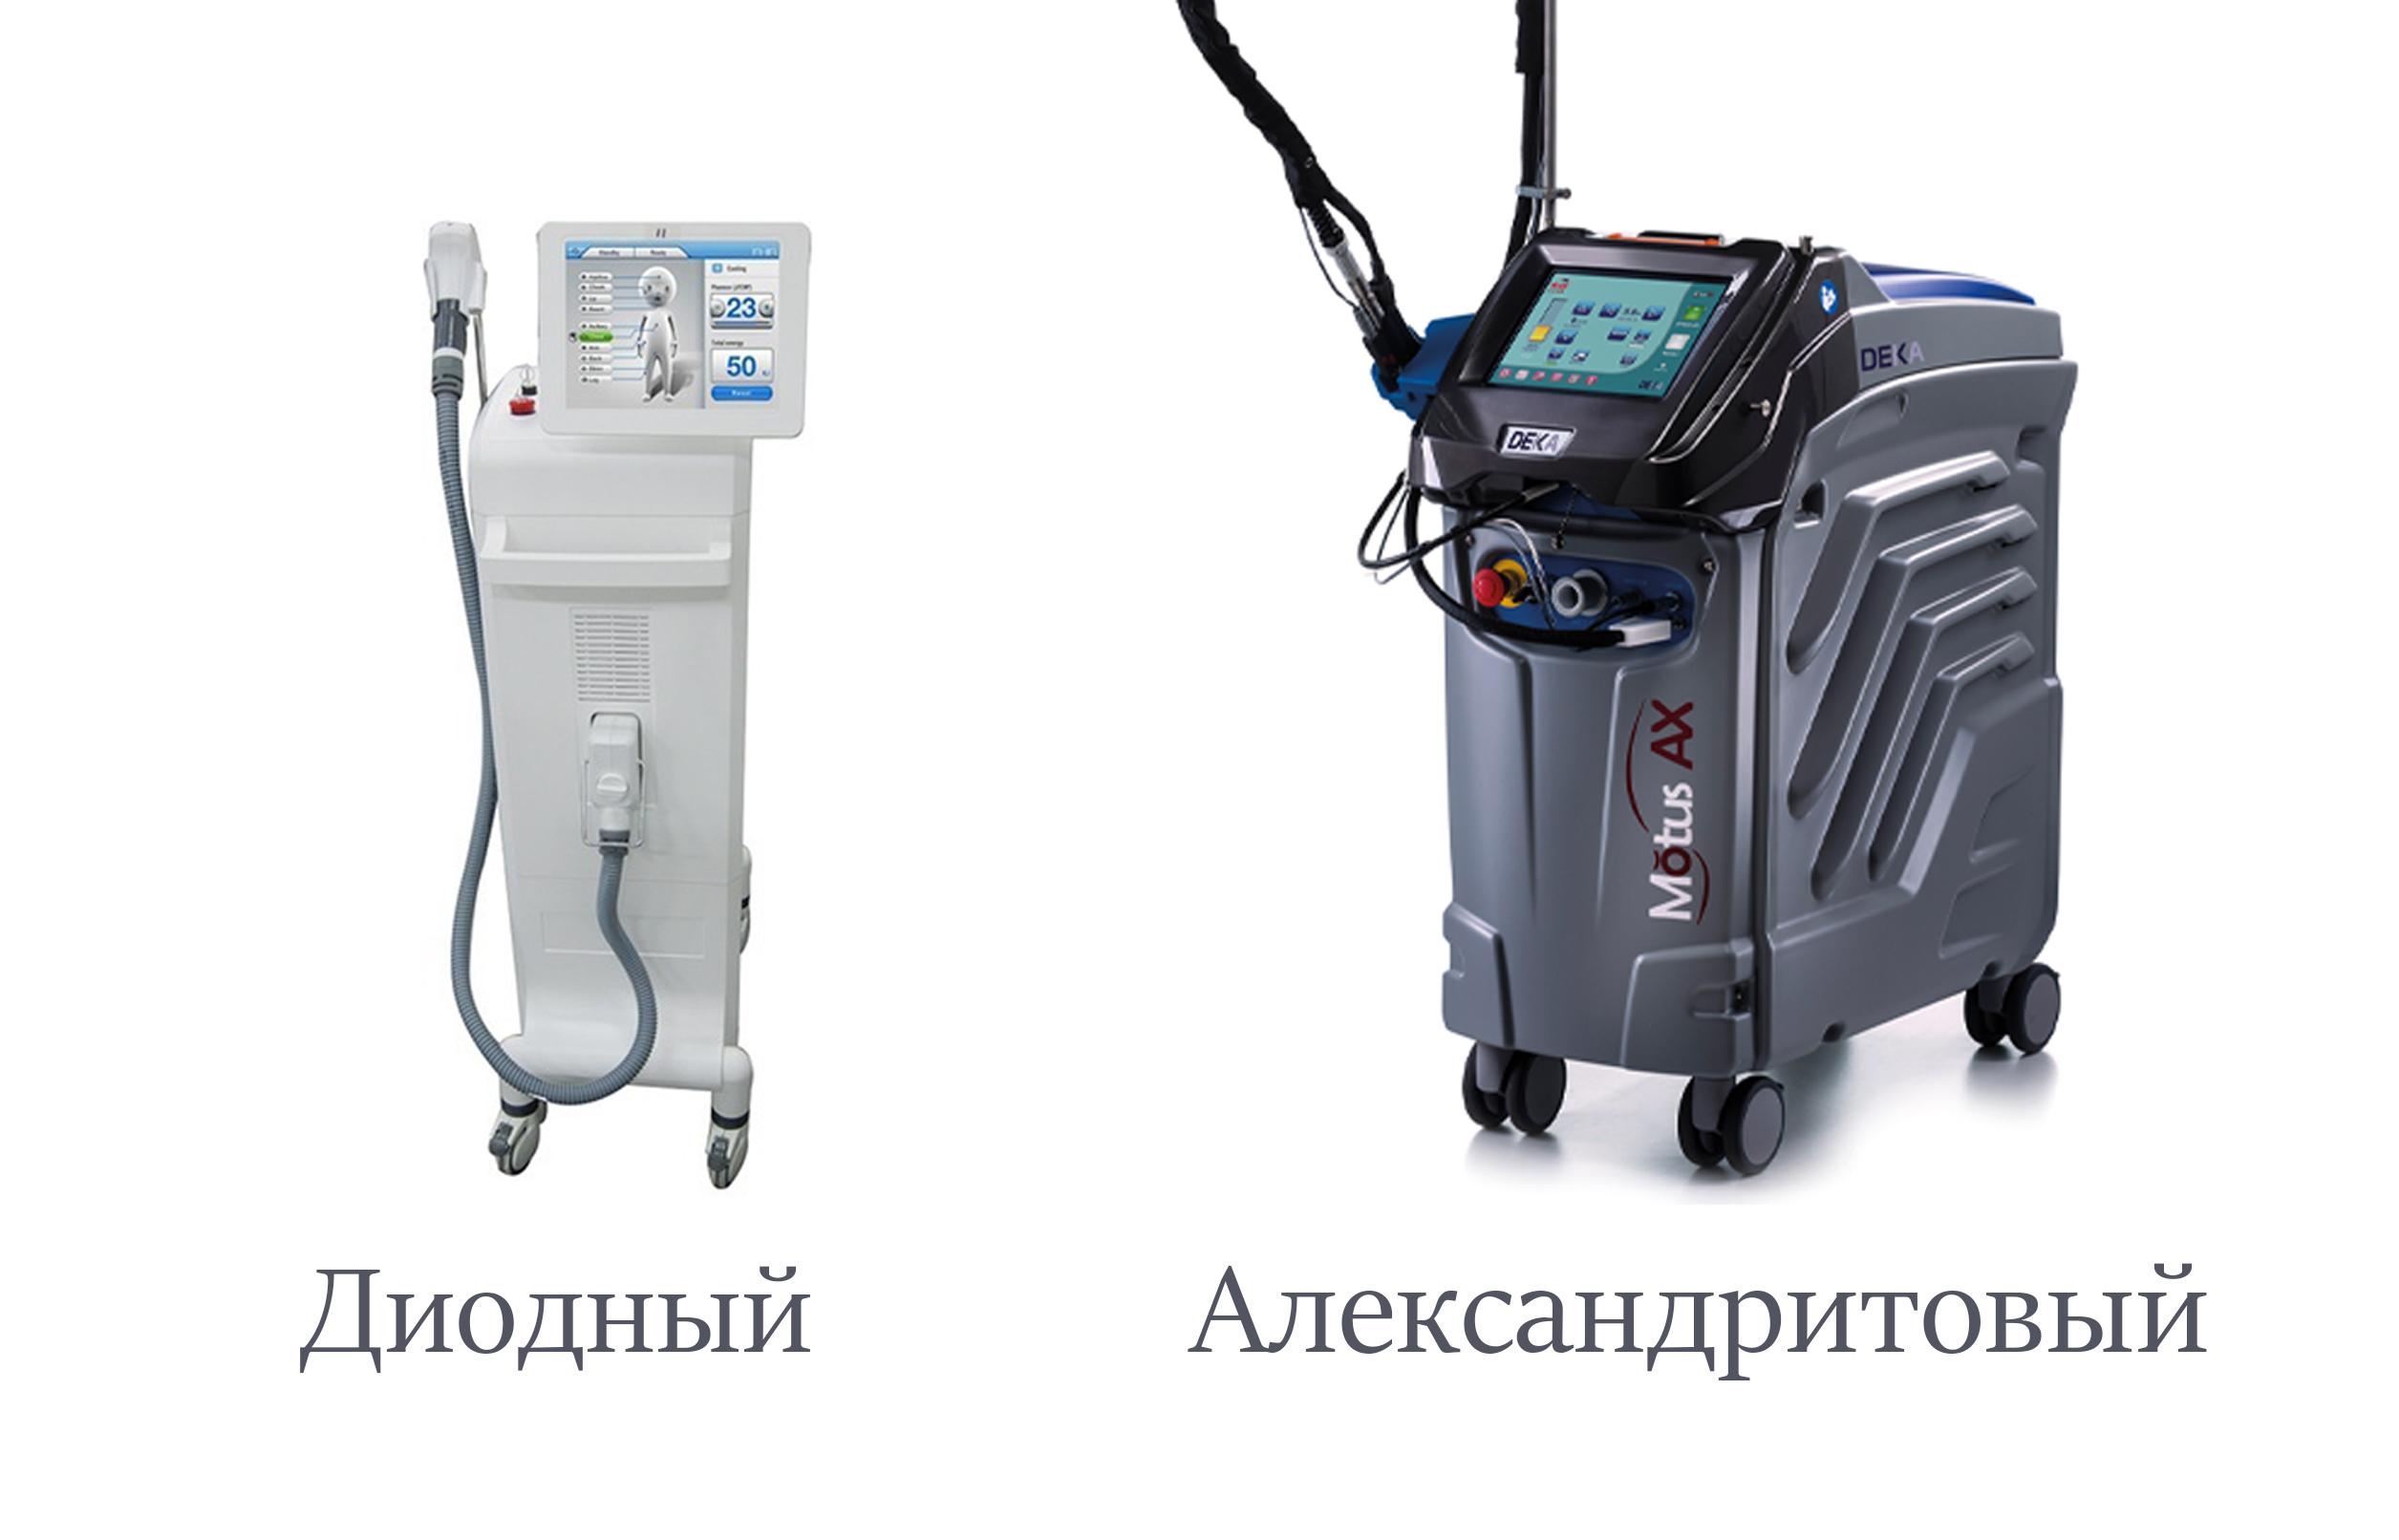 Алекандритовый и диодный лазеры